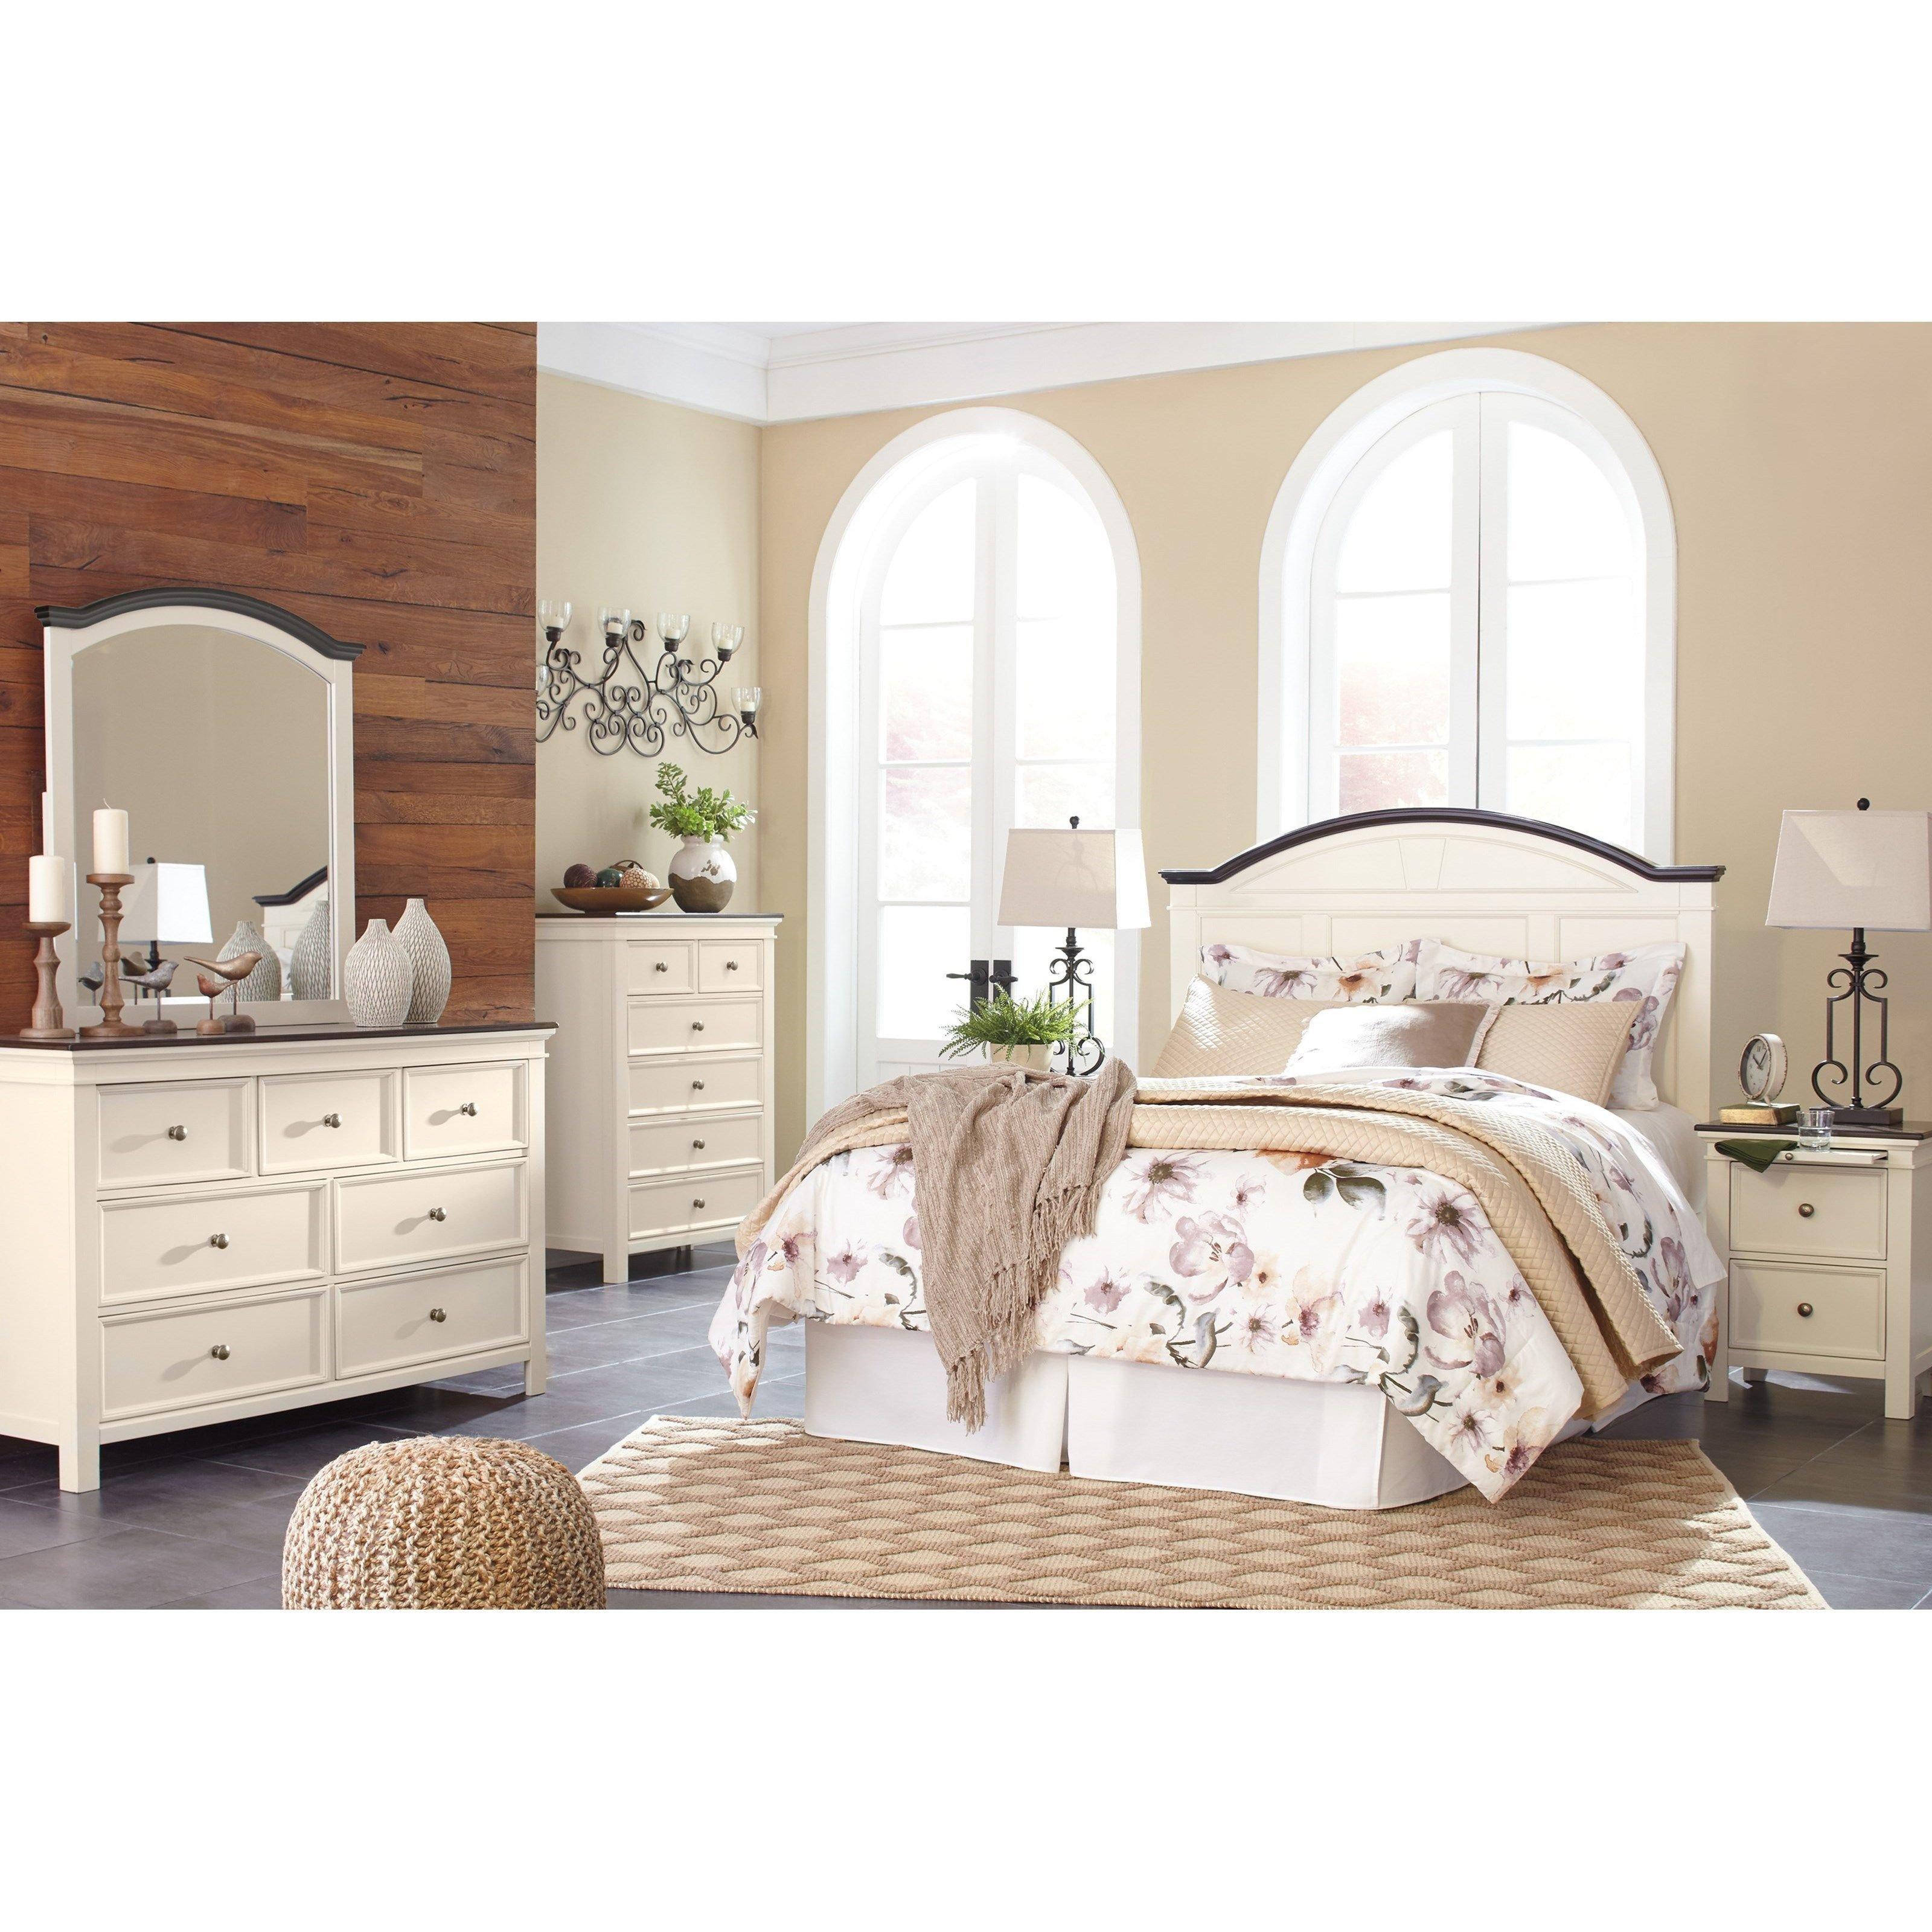 California King Bedroom Set Lovely Woodanville King California King Bedroom Group by Signature